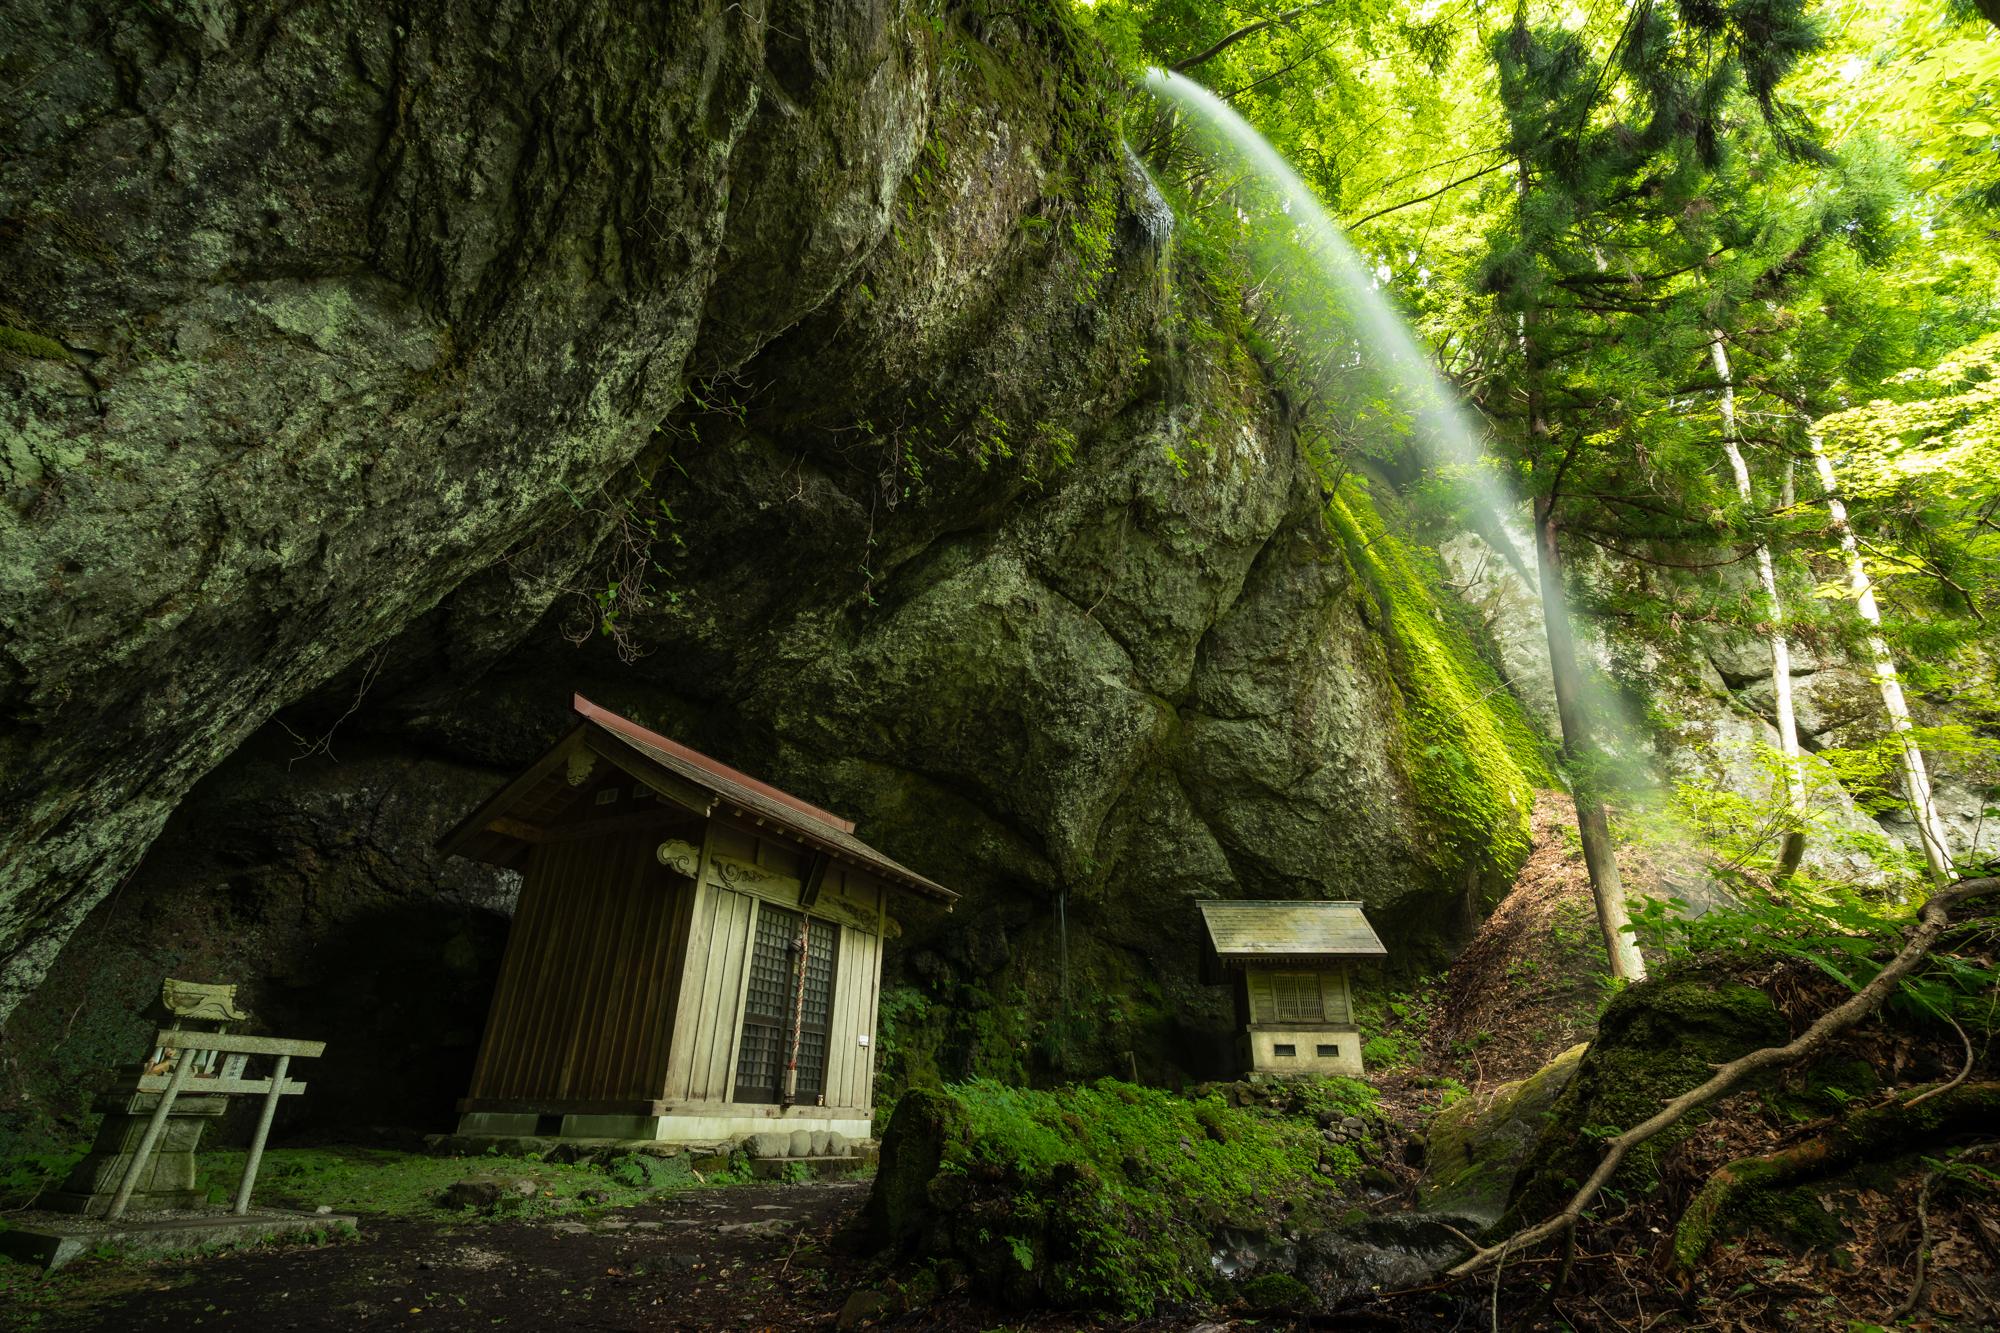 DSC01044 兵庫県   吉滝 (駐車場から徒歩約5分!  関西・近畿・兵庫県の滝スポット! アクセス情報や撮影ポイントなど!)